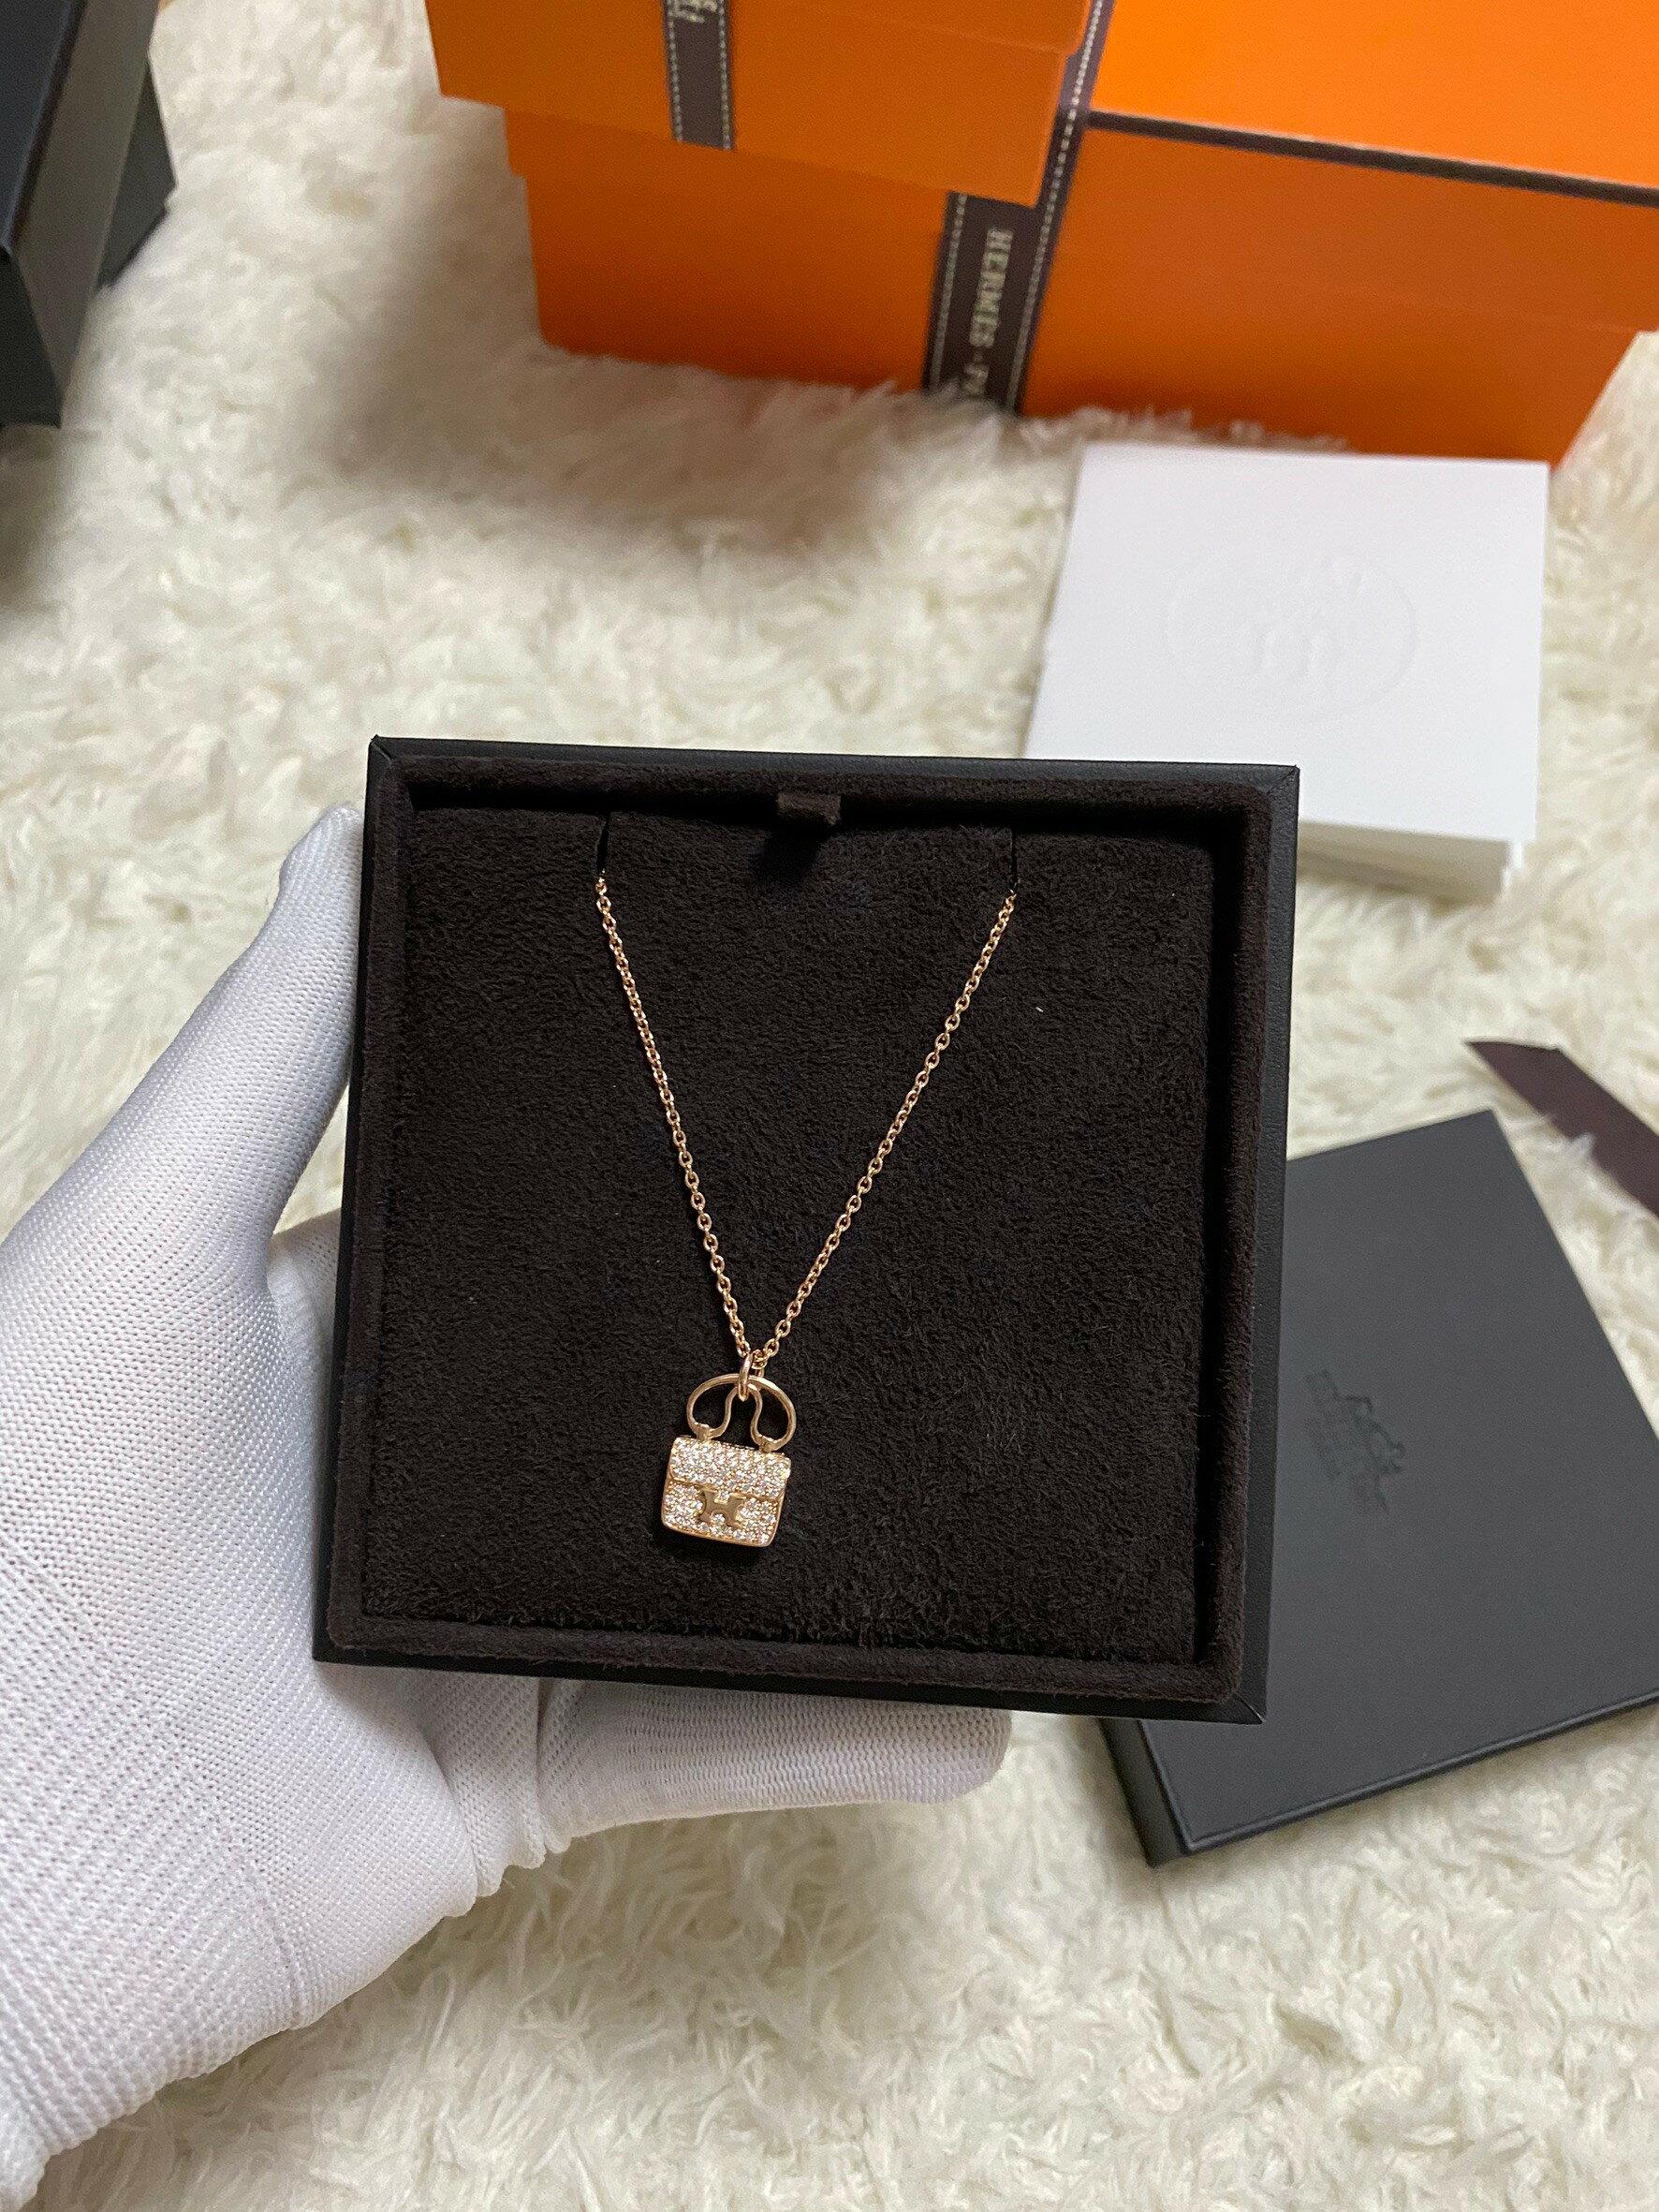 在途現貨 愛馬仕 康康 玫瑰金滿鑽 項鍊  $139800  全配附購證正本